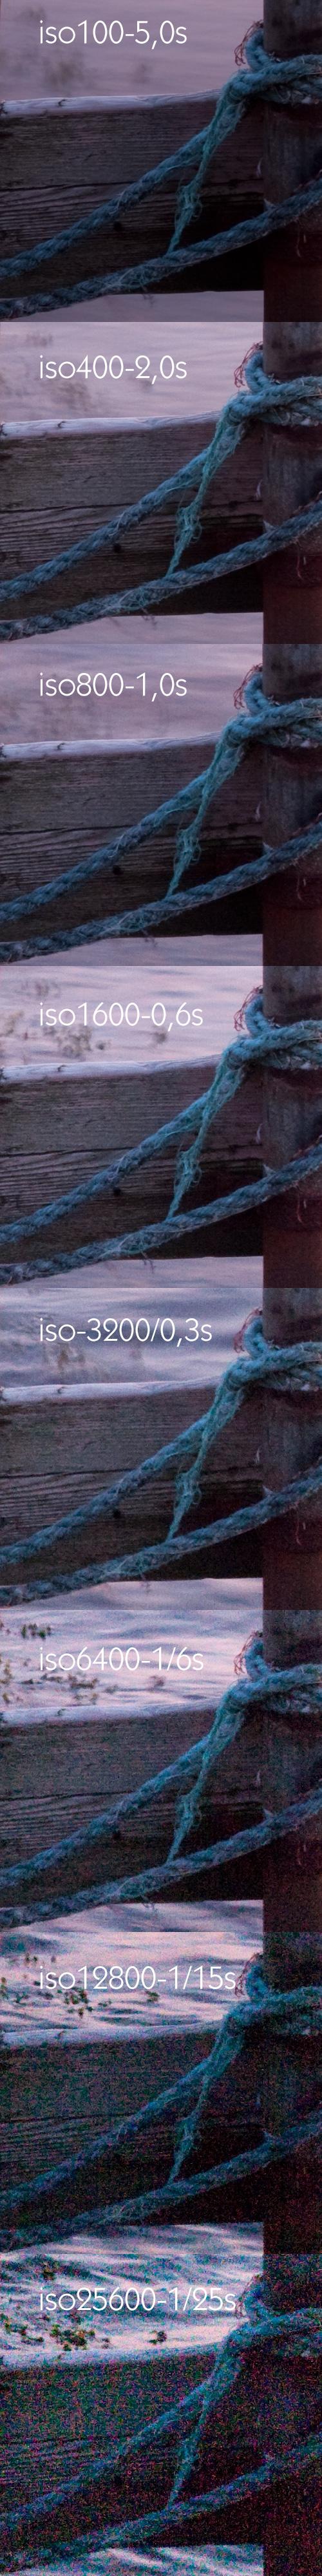 5d-mark-ii-iso-test-detailzeichnung